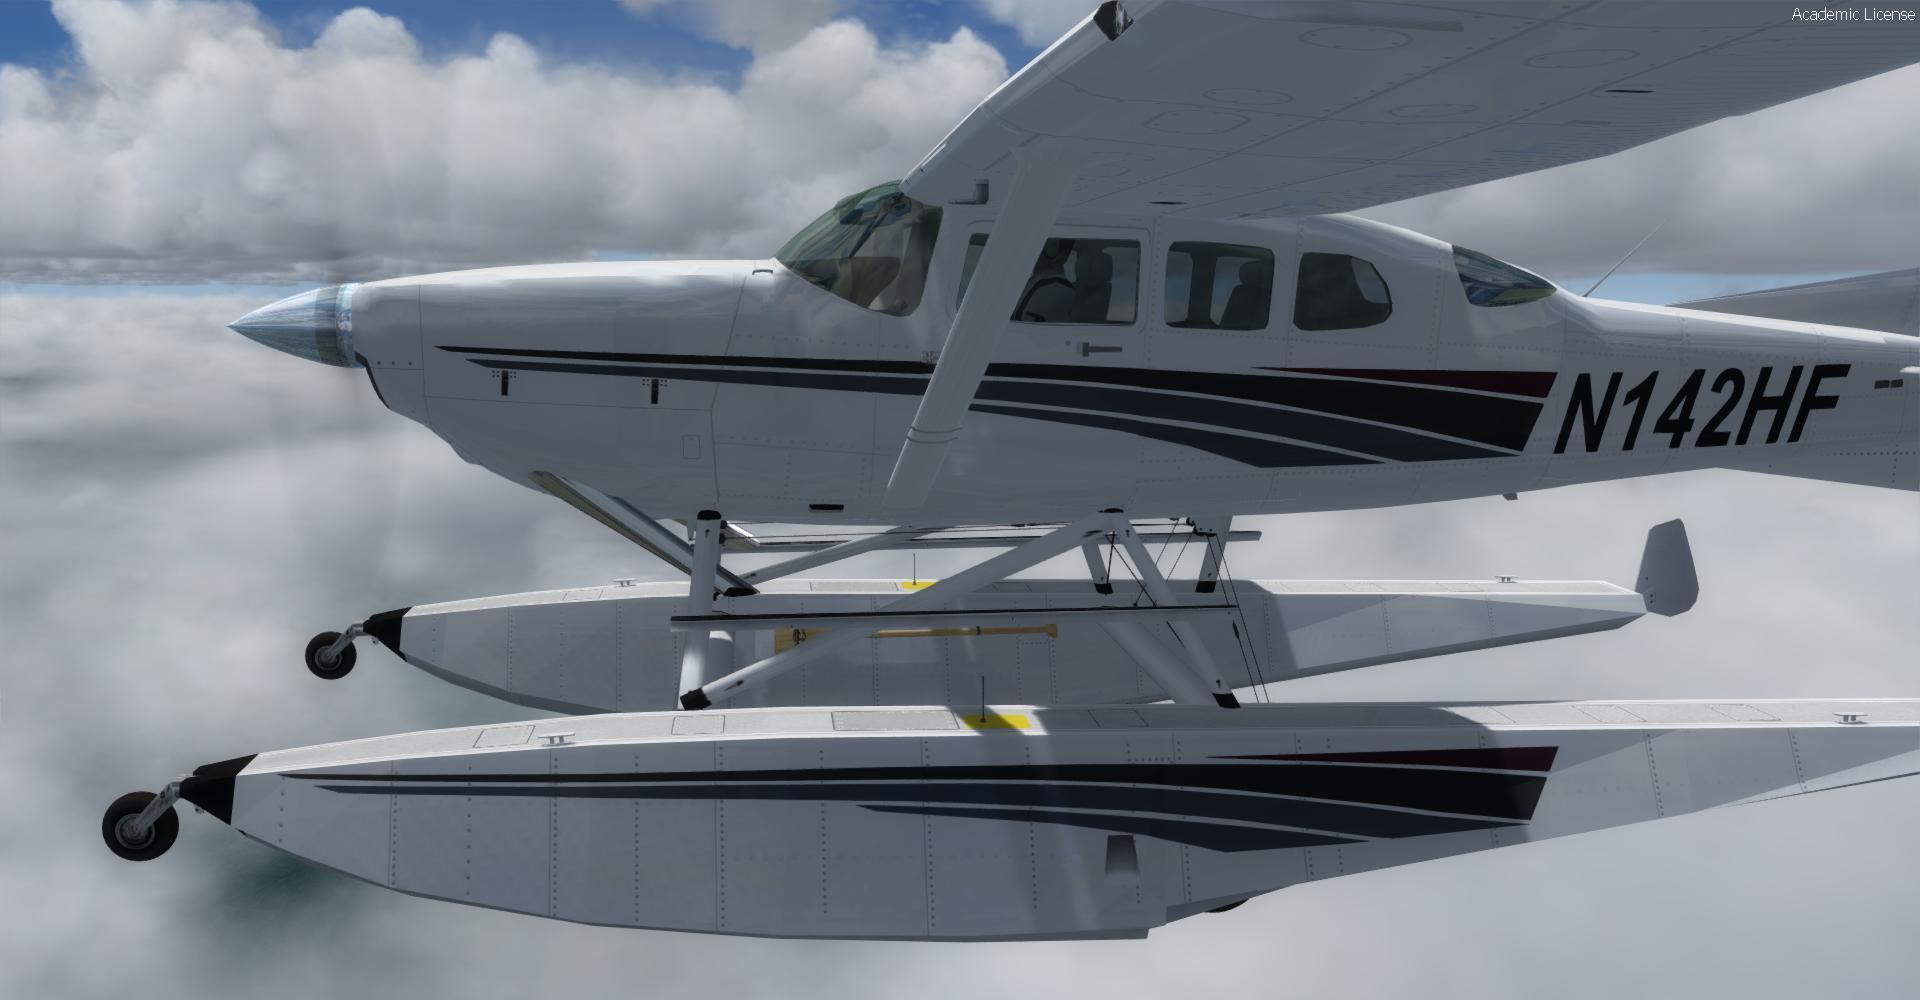 Cessna T206H Soloy FSX/P3D Cessna_T206H_Soloy_Turbine_Pac_Mark_2_FSX_P3D_s3